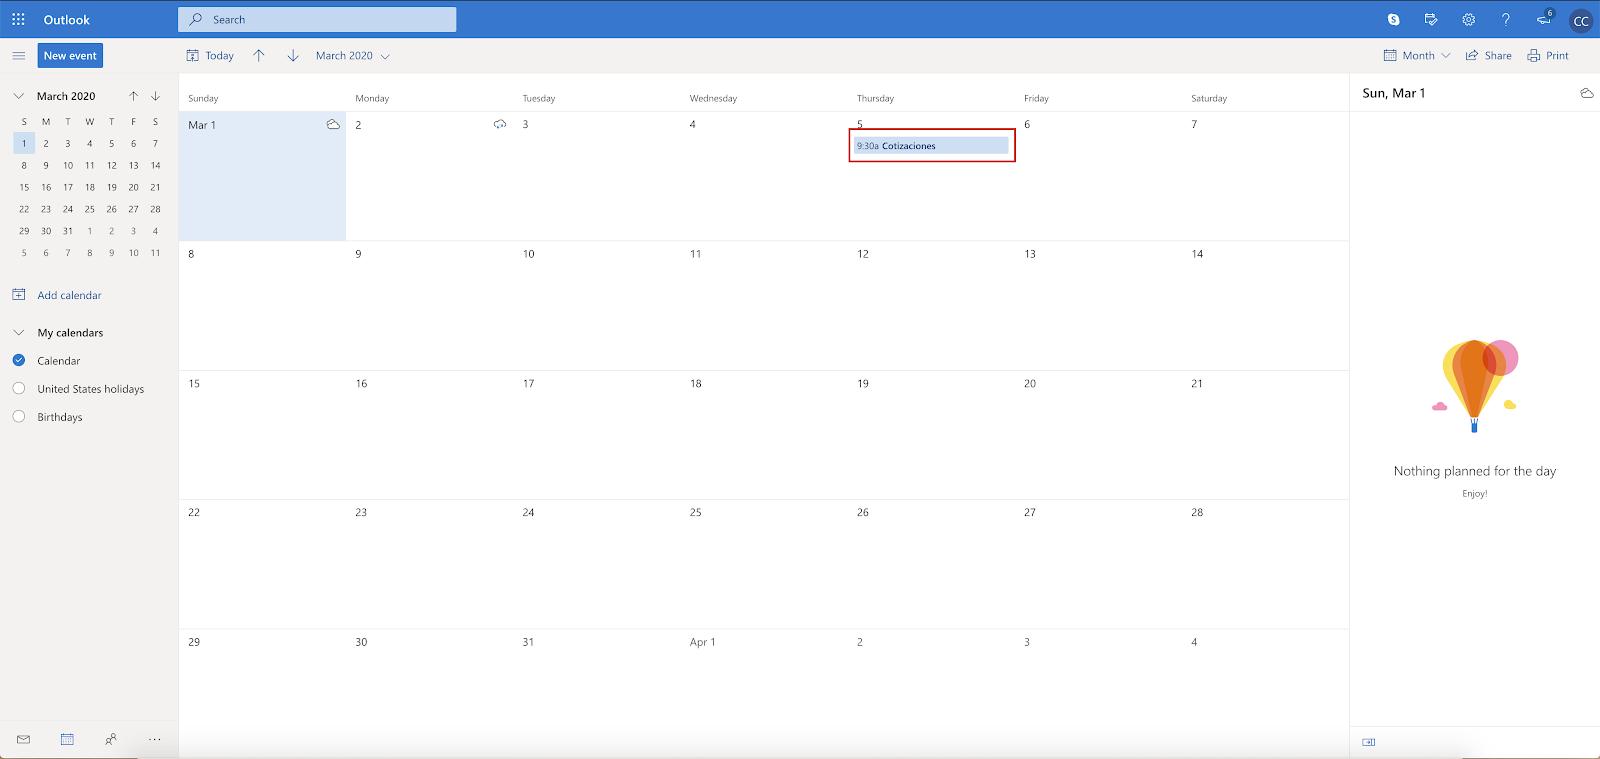 Calendario de Outllok